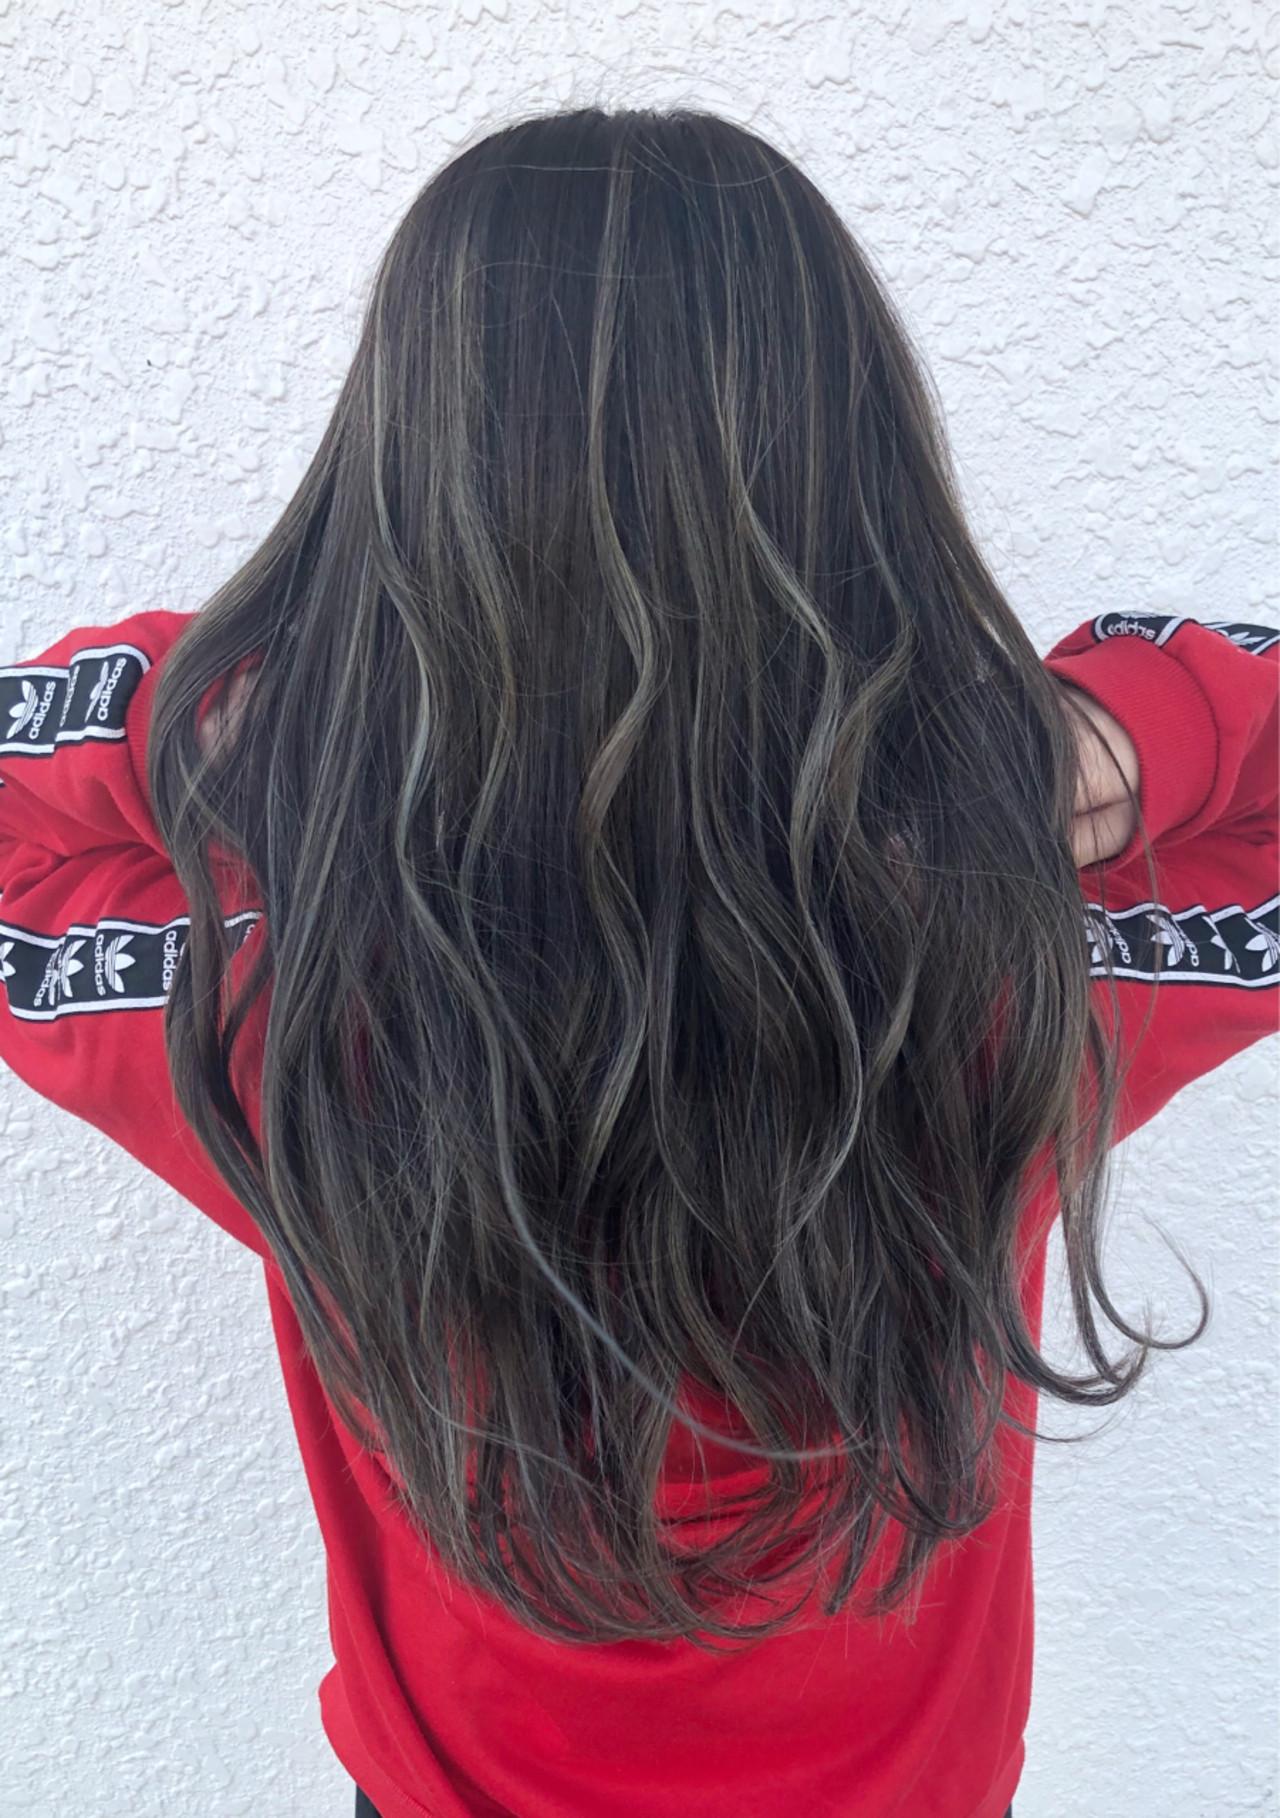 フェミニン ロング ハイライト 波ウェーブ ヘアスタイルや髪型の写真・画像